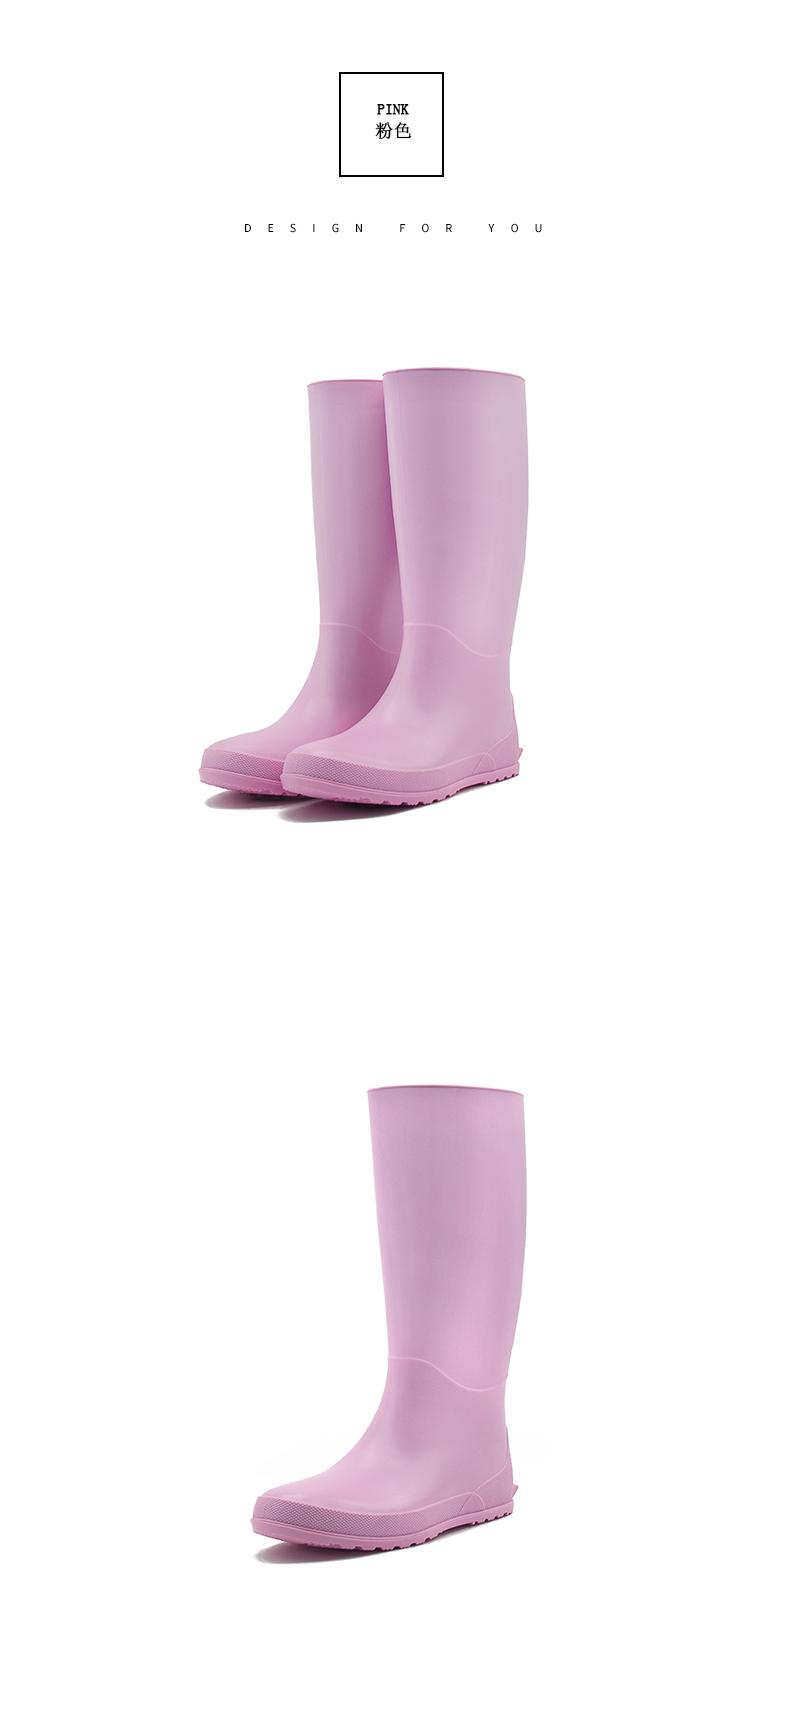 日系简约轻便时尚款外穿雨靴长筒水鞋防水防滑胶鞋高筒水靴雨鞋女详细照片